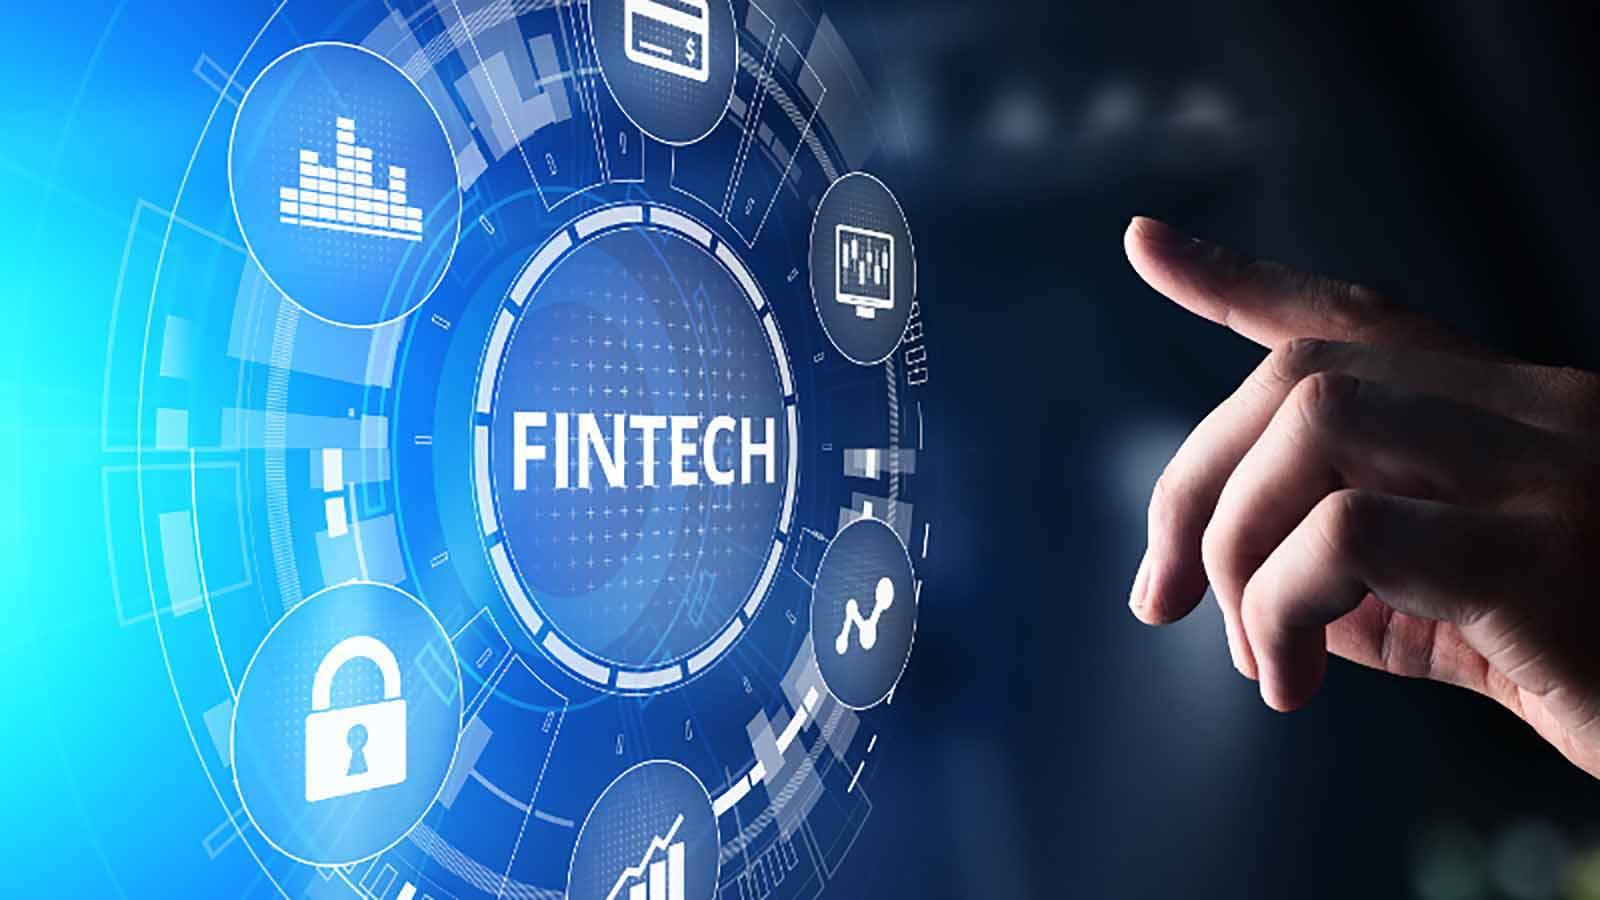 Decreto FinTech, parte la sperimentazione digitale nel settore bancario, finanziario e assicurativo